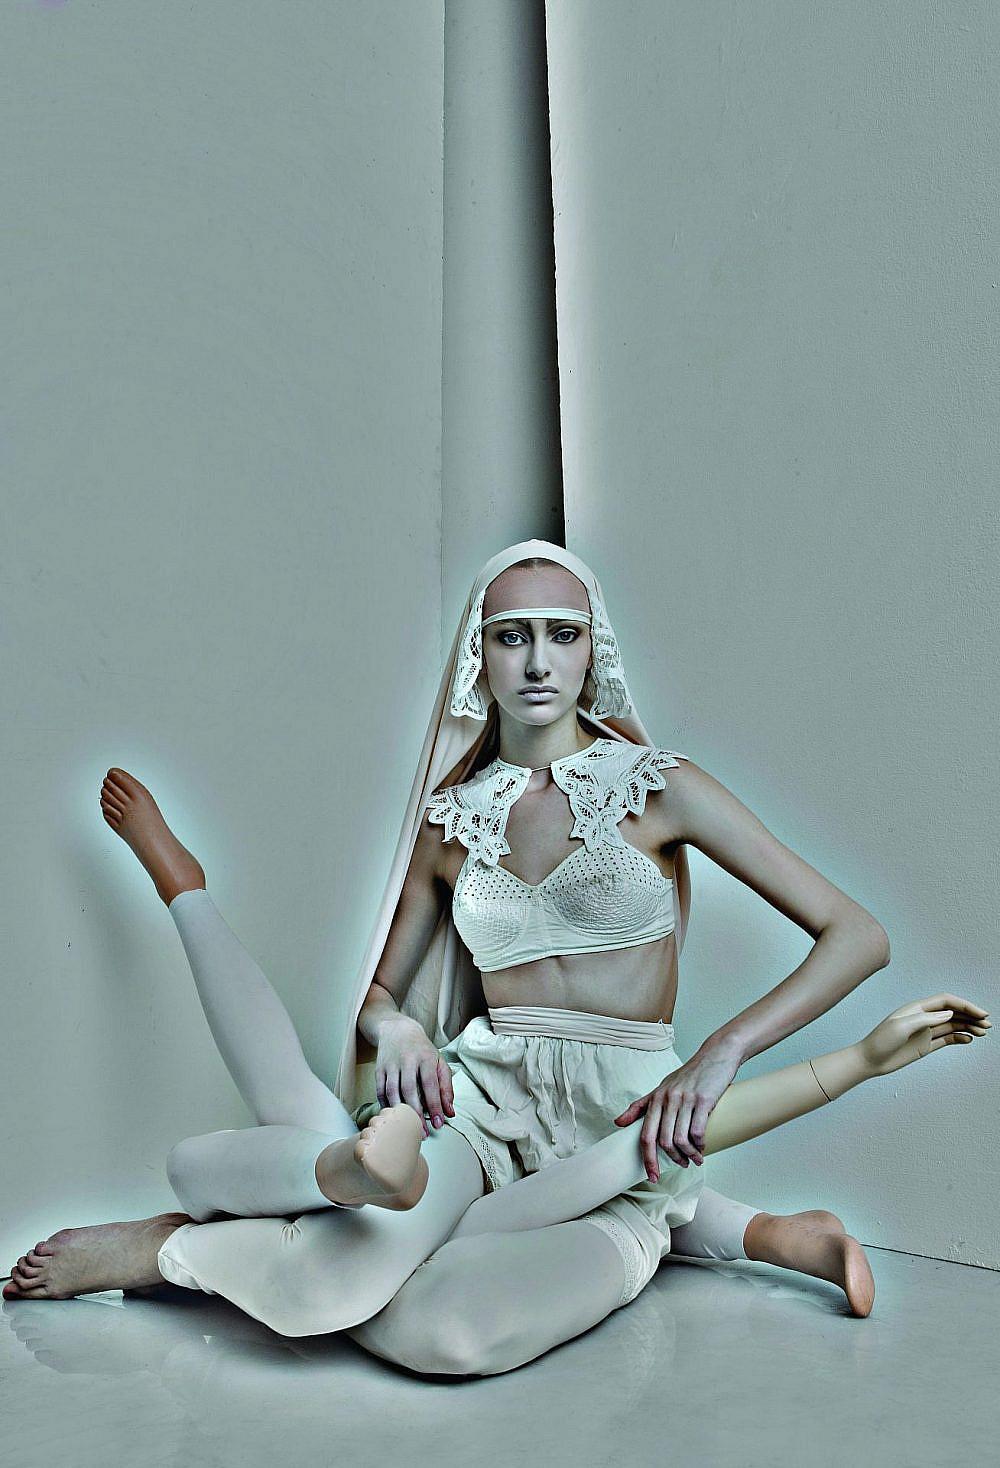 פרויקט הפקות אופנה, גיליון אחרון | צילום: עידו לביא, קריאייטיב וסטיילינג: כדורי אלישר